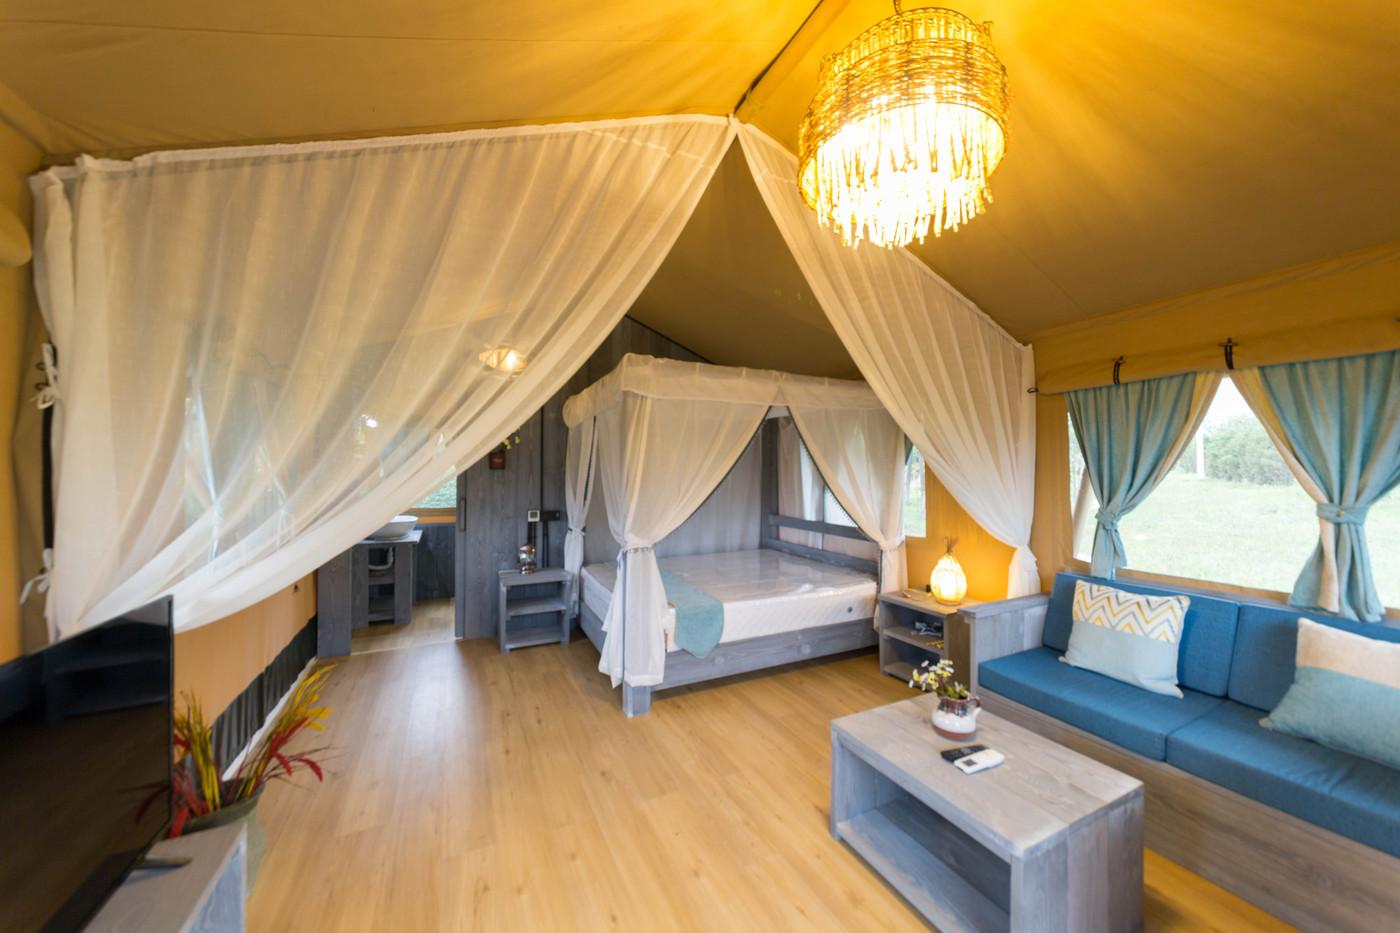 喜马拉雅野奢帐篷酒店—华山自驾游露营地(54平)20